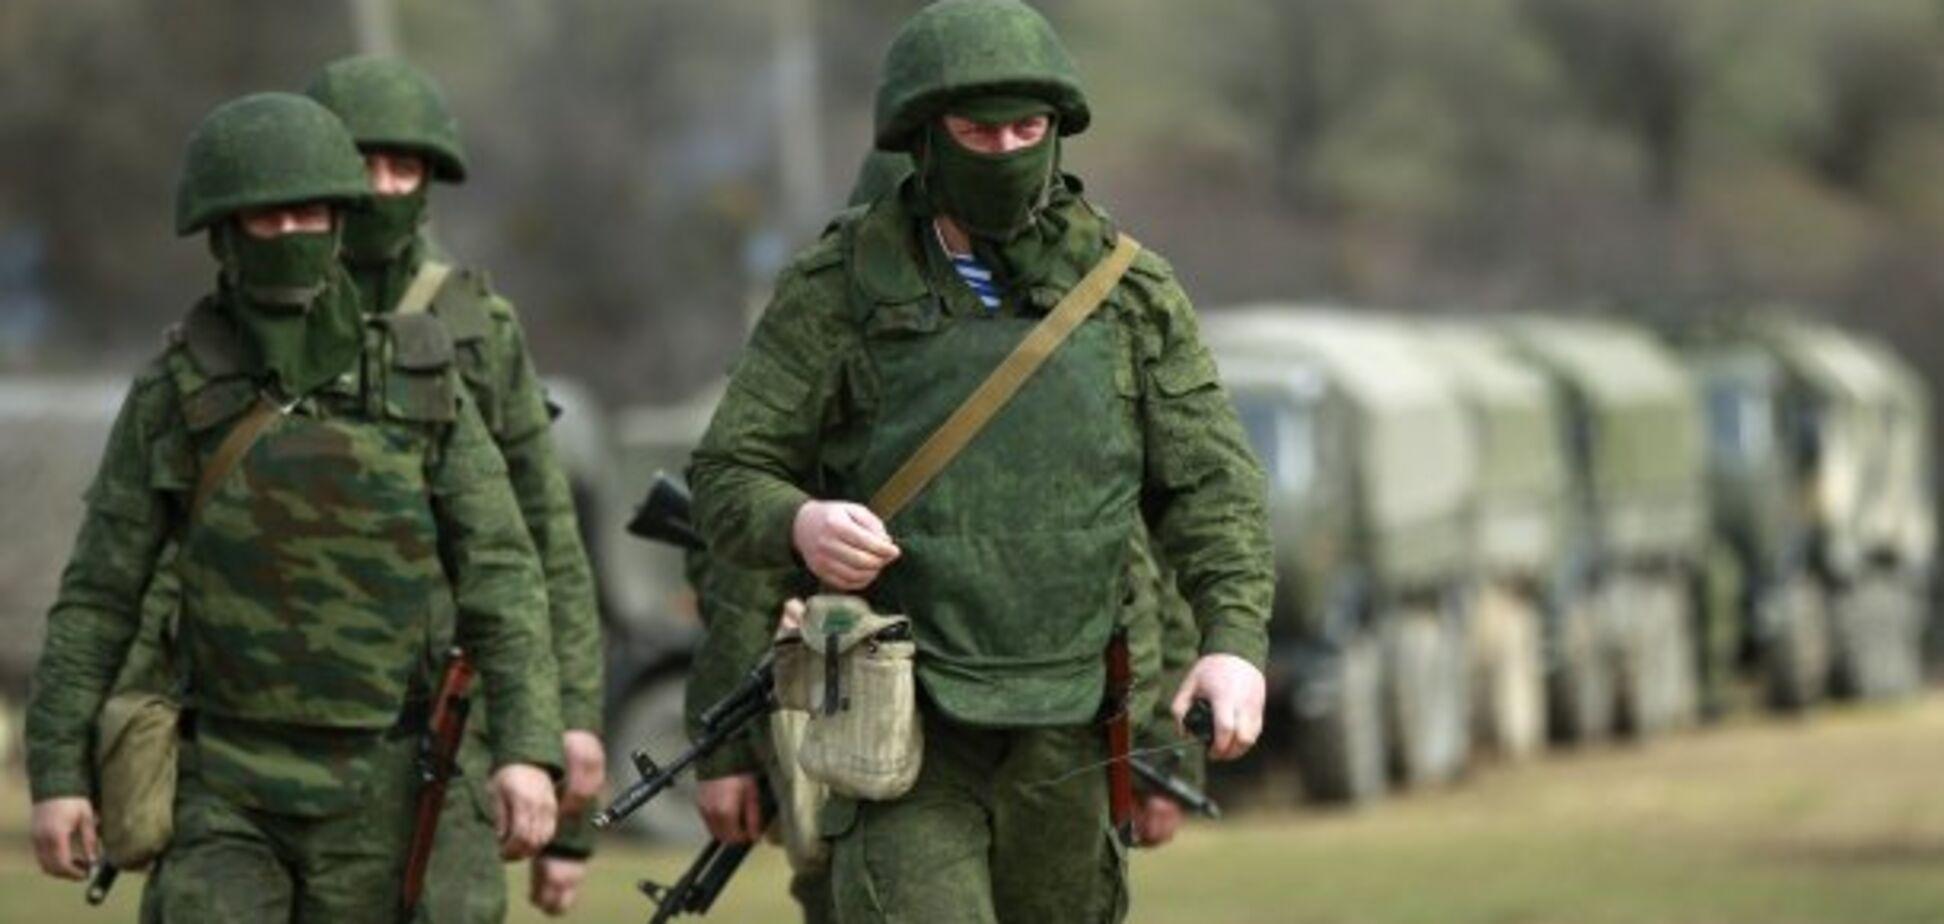 'Підливає масла у вогонь': у Лаврова знайшли винного в загостренні на Донбасі